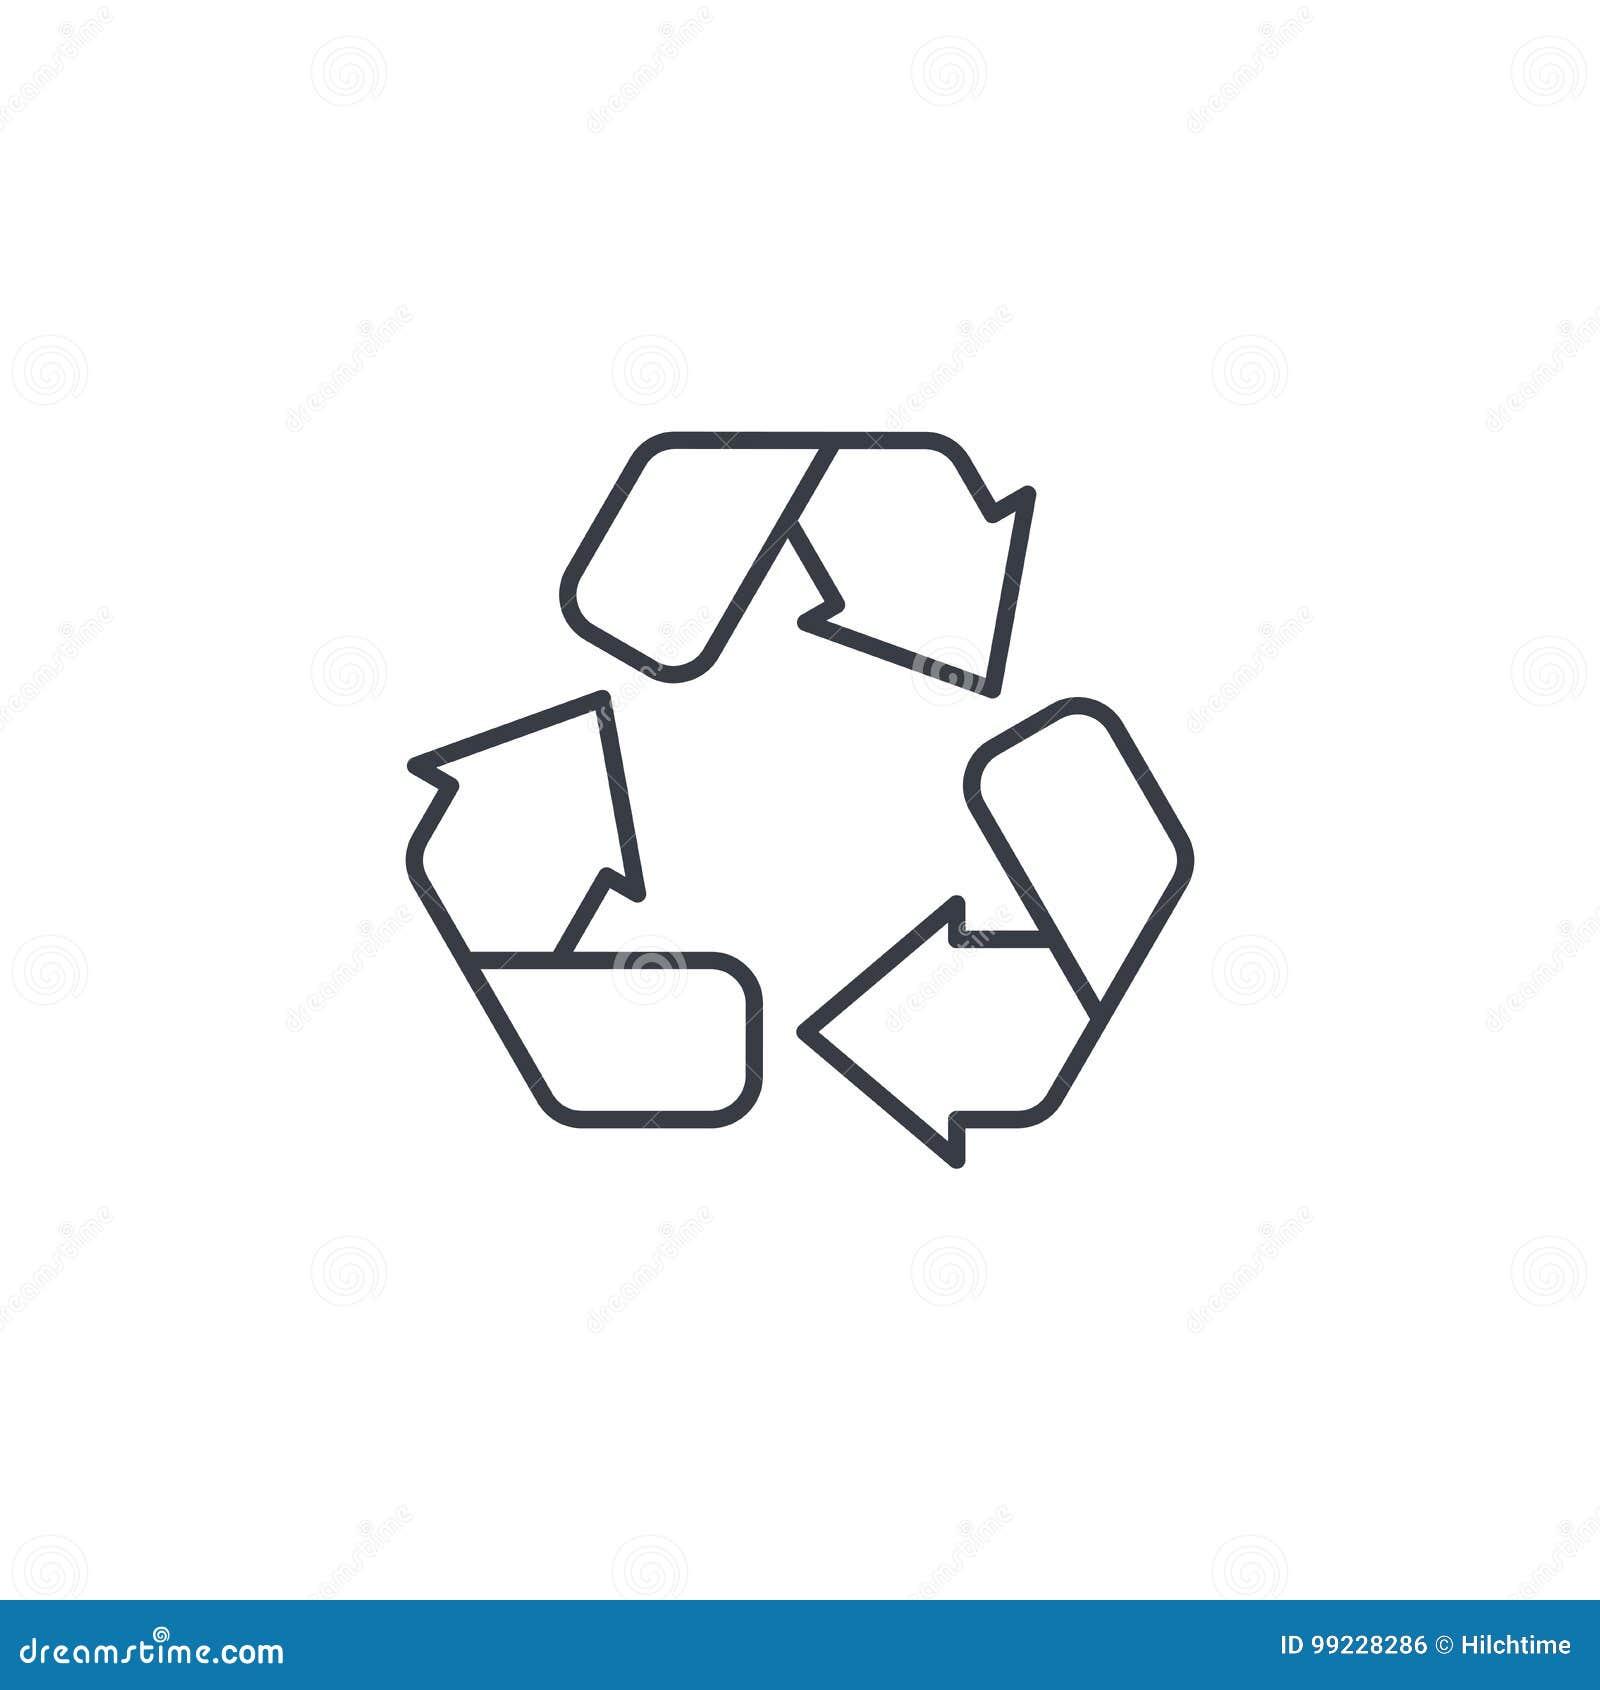 Ανακυκλώστε το πράσινο σύμβολο Λεπτό εικονίδιο γραμμών προστασίας του περιβάλλοντος Γραμμικό διανυσματικό σύμβολο